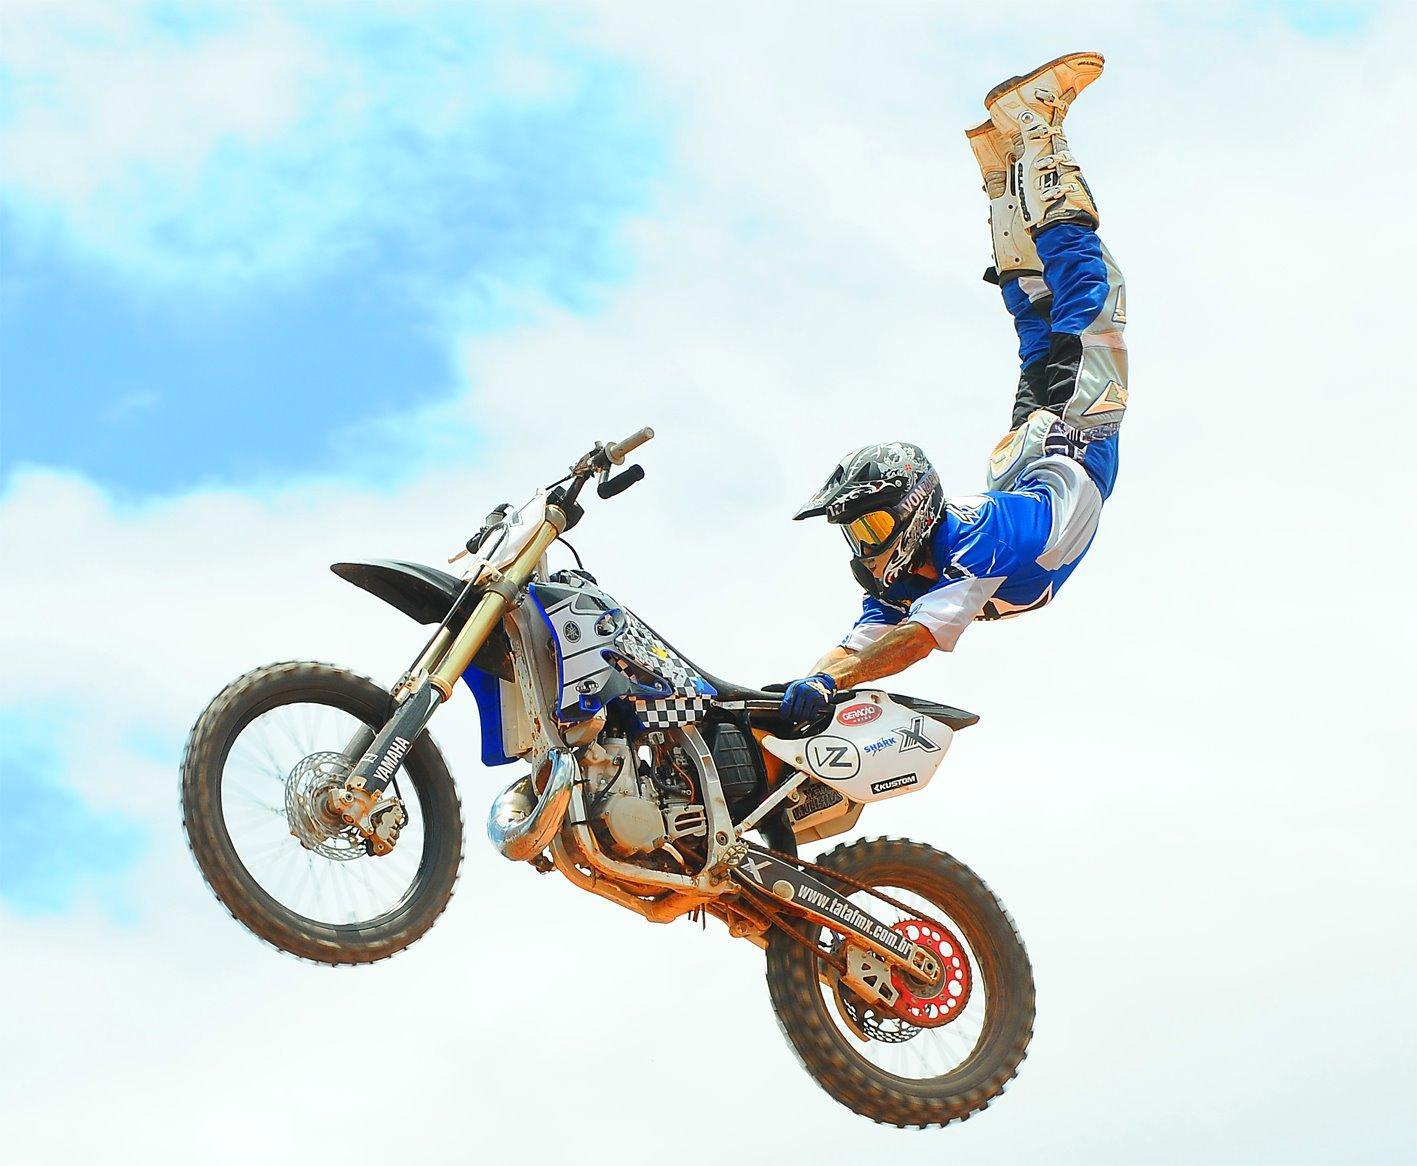 Istilah Dalam Olahraga Motor Trail Extremeina Indonesia Extreme